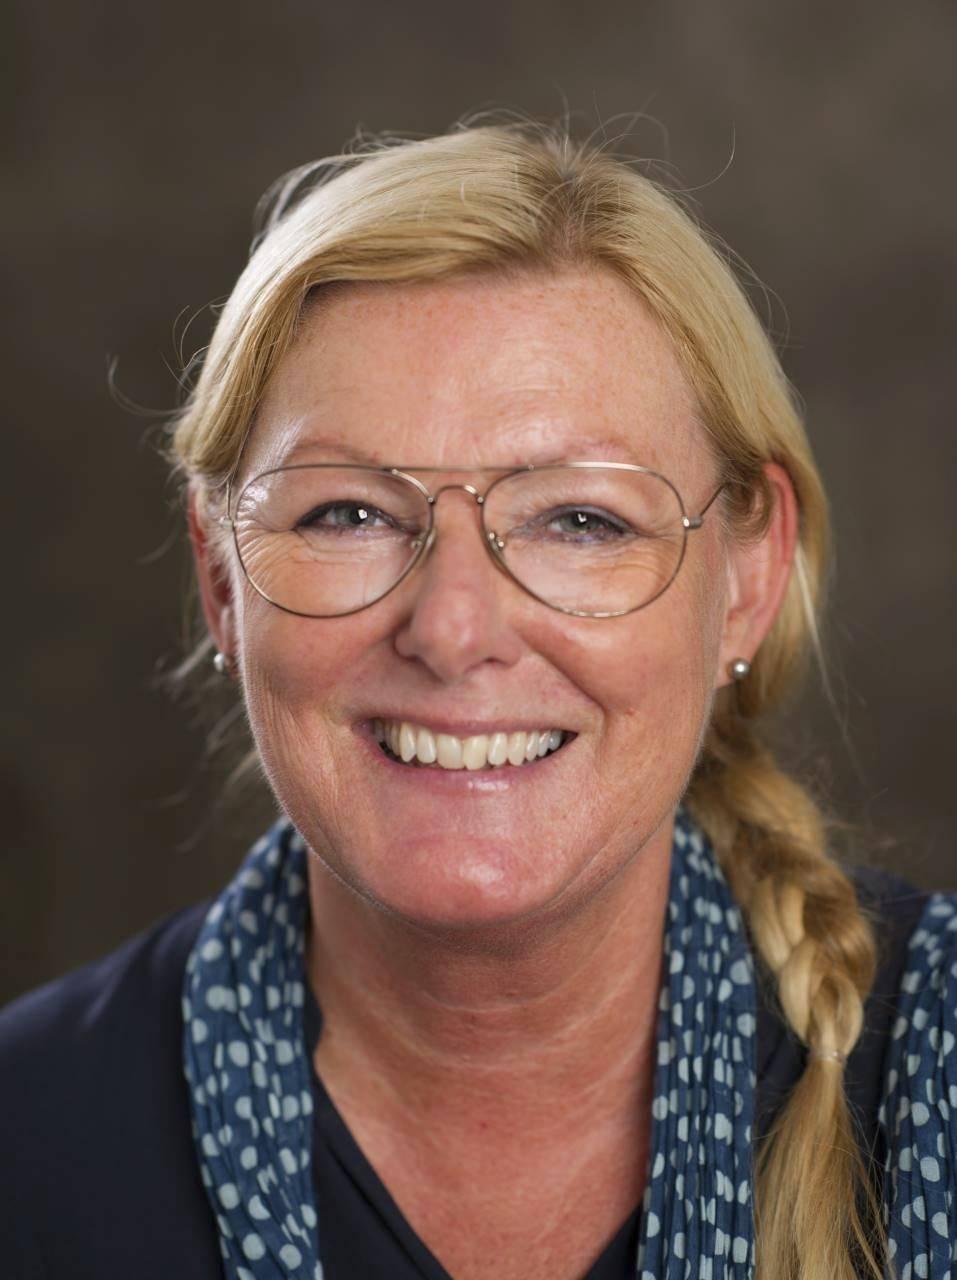 Yvonne Wenström är sjuksköterska och professor vid Karolinska Universitetssjukhuset.